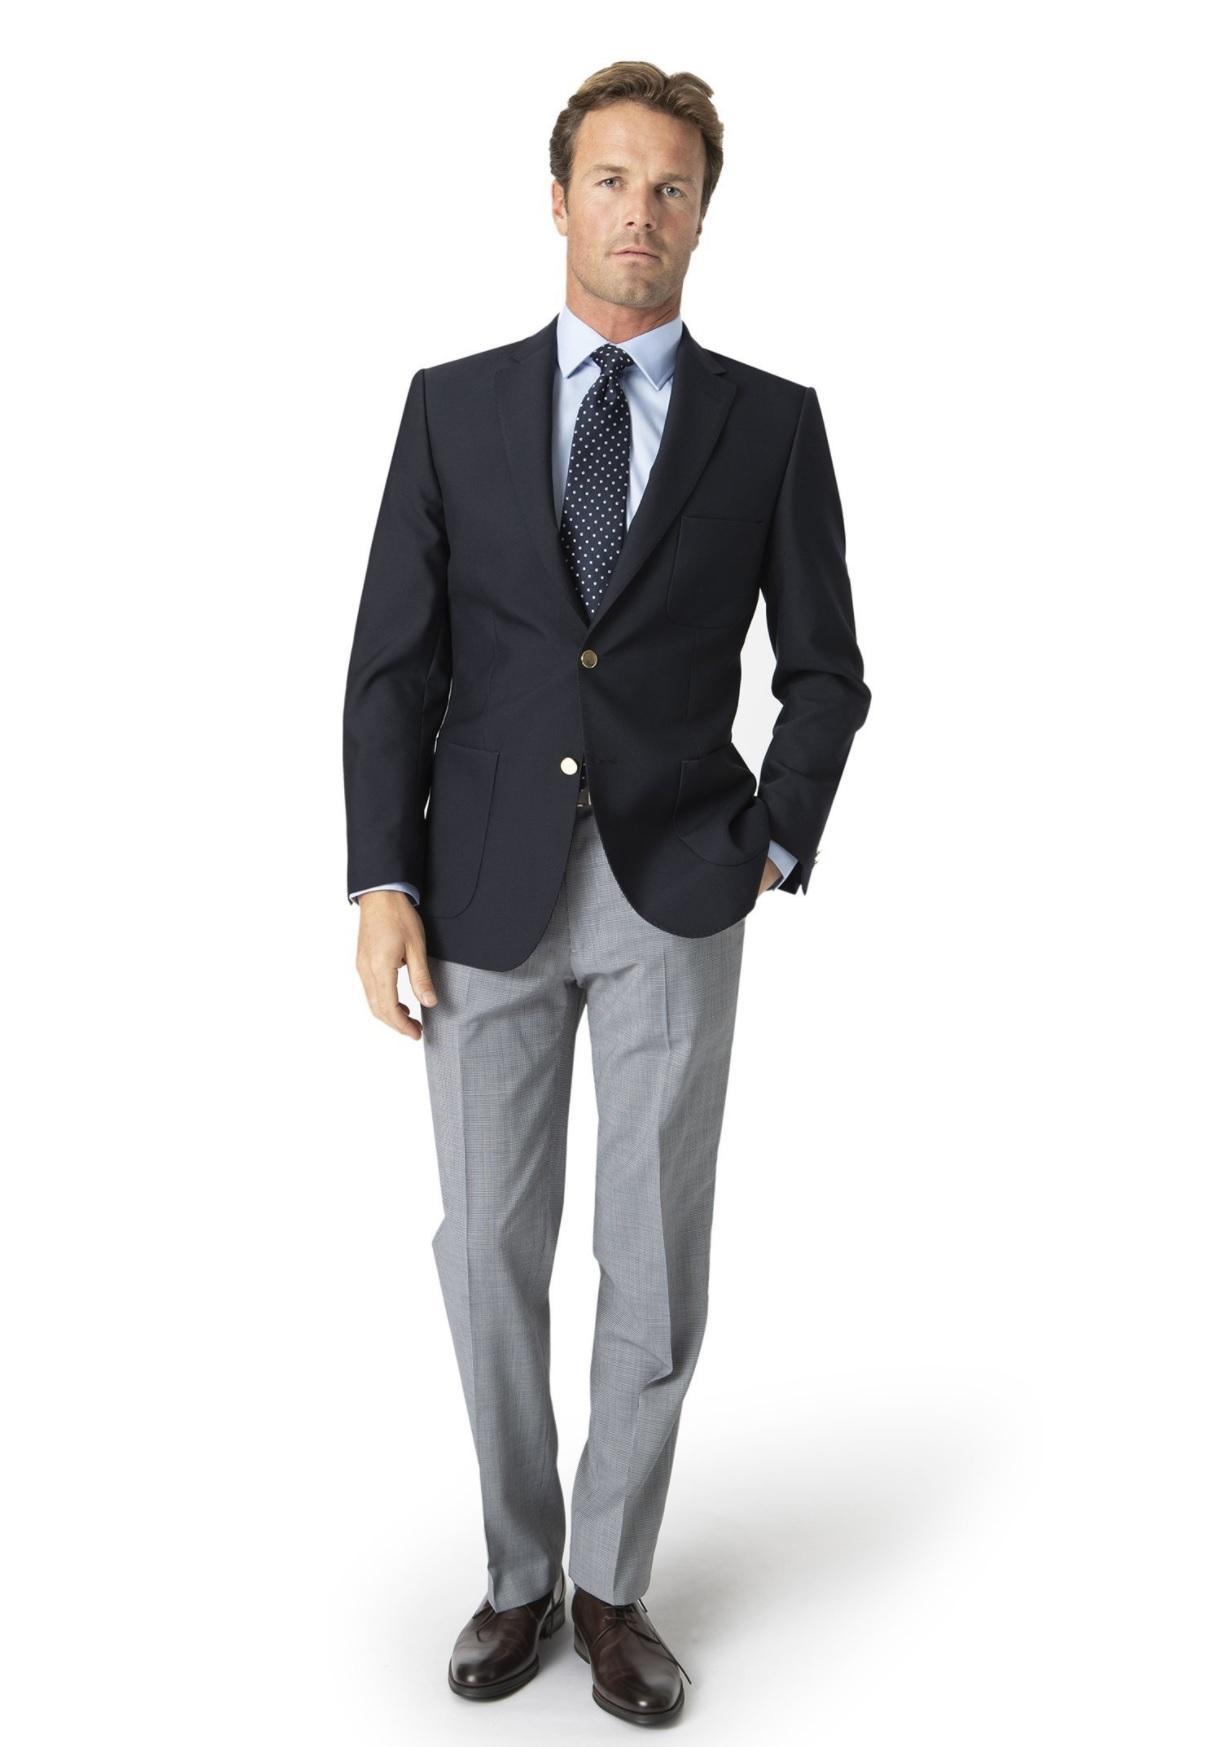 almindelig velklædt pæn i tøjet